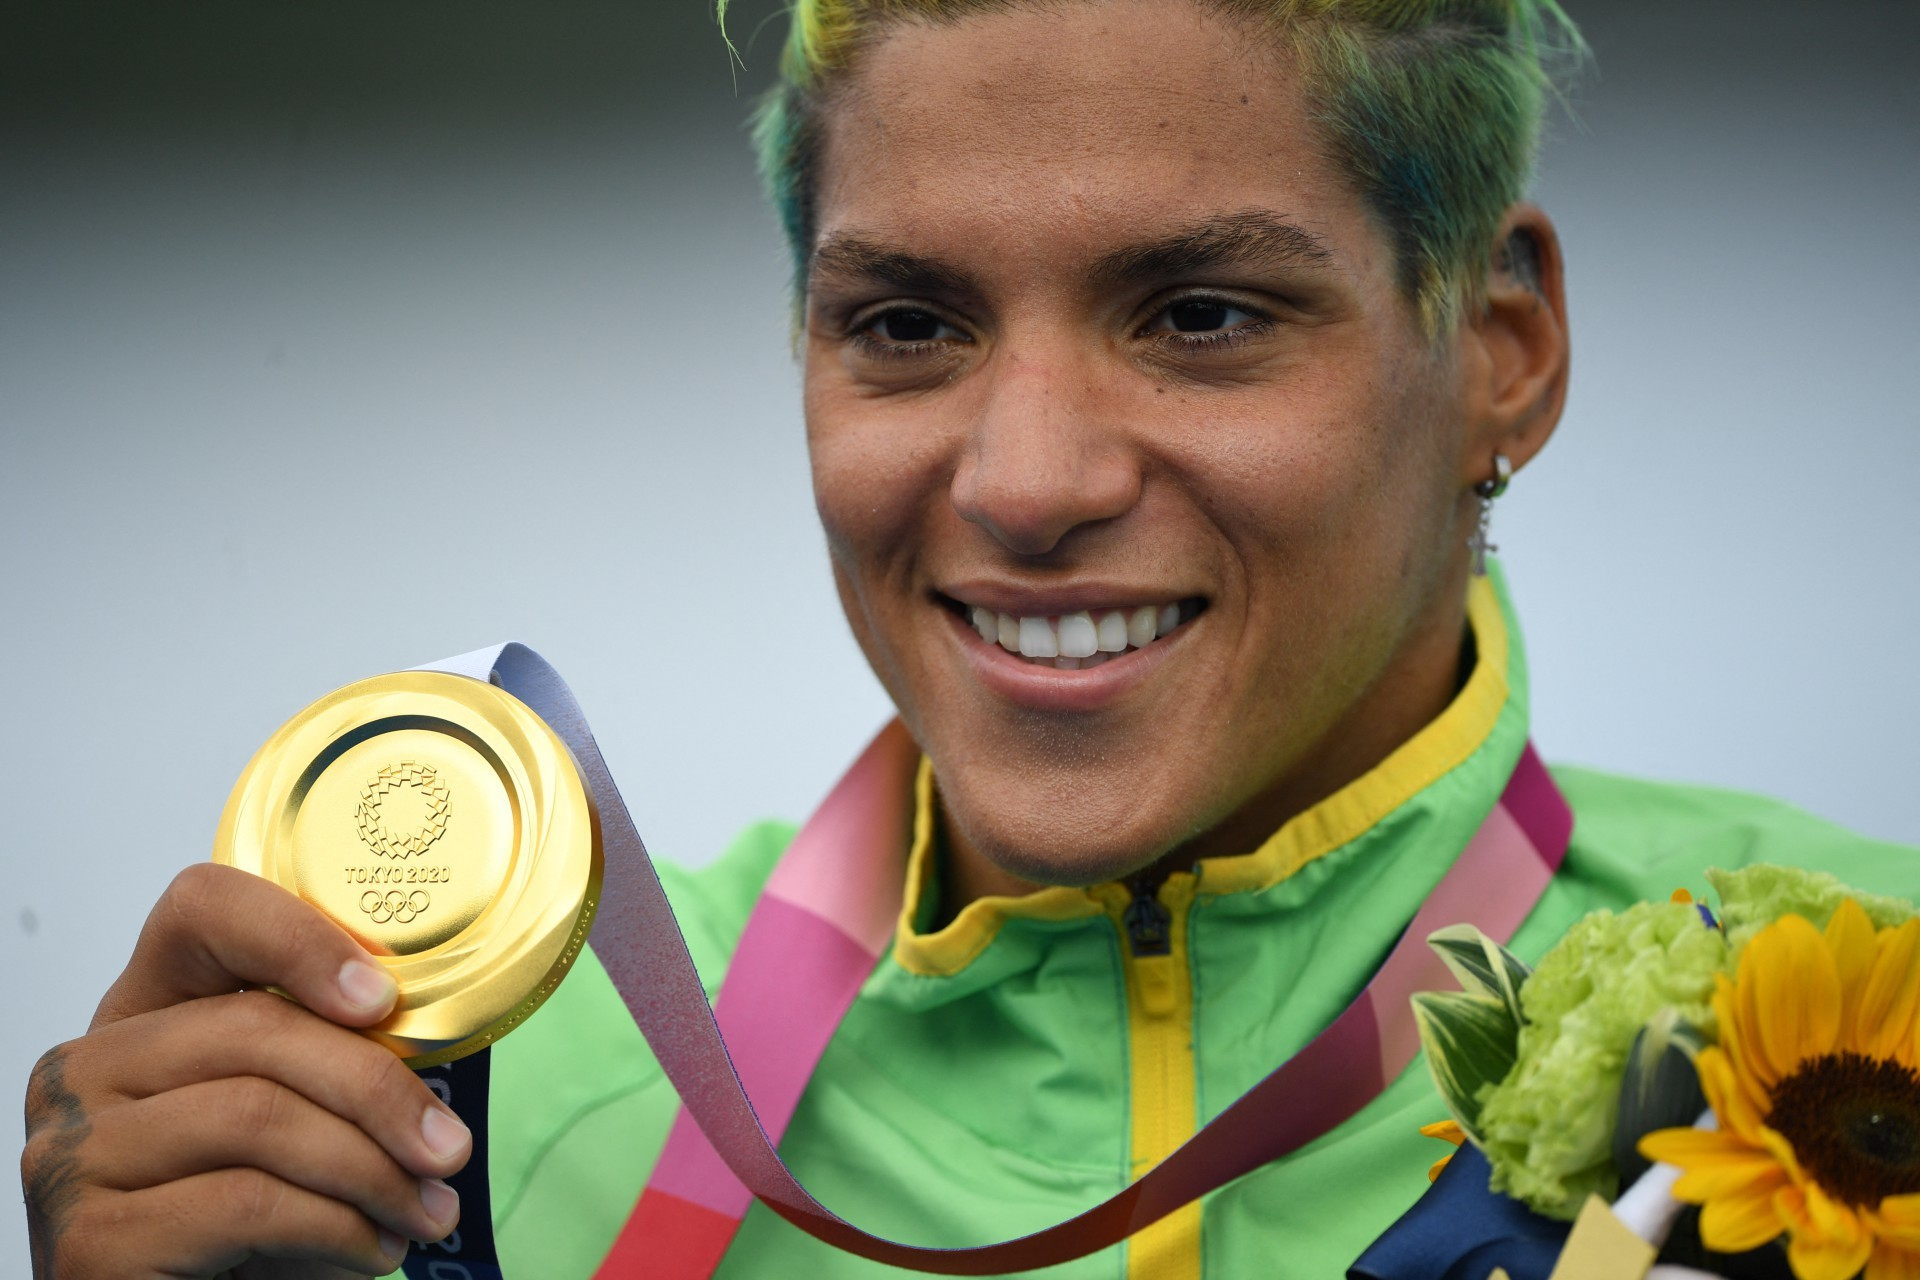 Ana Marcela Cunha, do Brasil, posa com sua medalha de ouro em cerimônia após vencer a maratona feminina de natação de 10 km durante os Jogos Olímpicos de Tóquio 2020, no Parque Marinho de Odaiba, em Tóquio, em 4 de agosto de 2021. (Foto: Oli SCARFF / AFP) (Foto: OLI SCARFF / AFP)